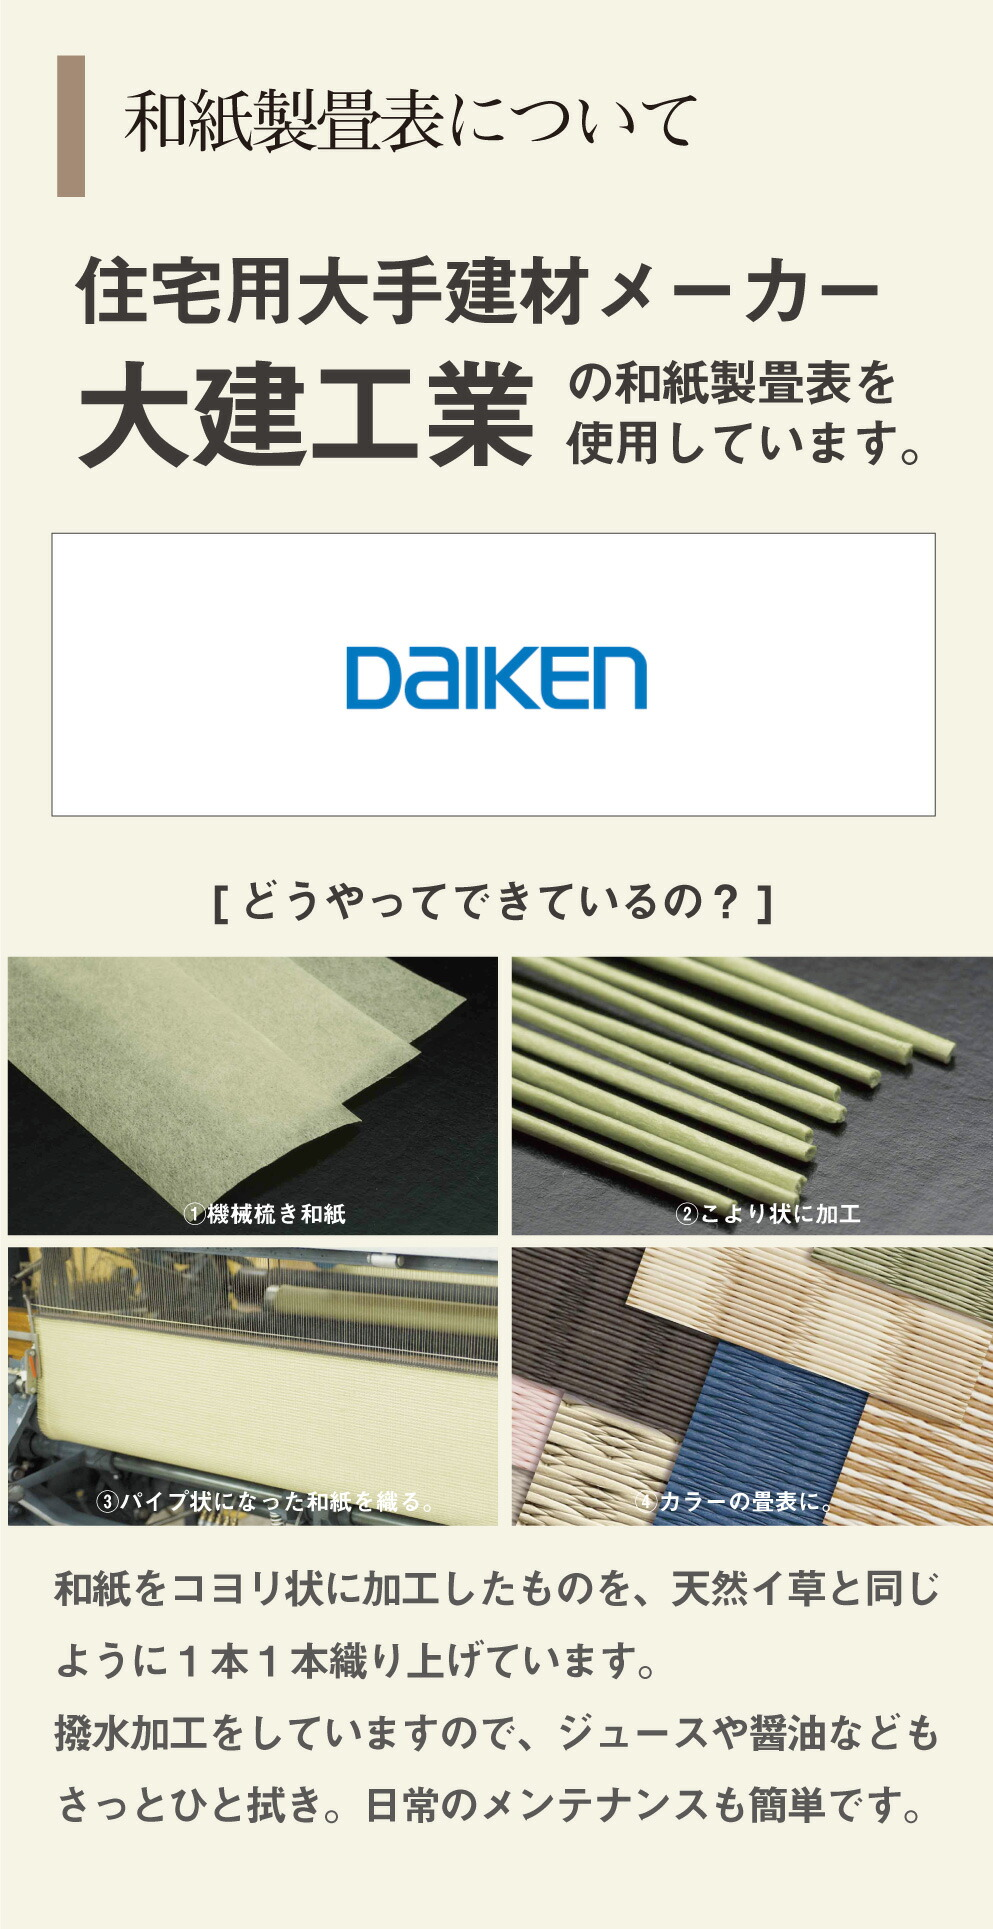 畳を作る工程を体験。